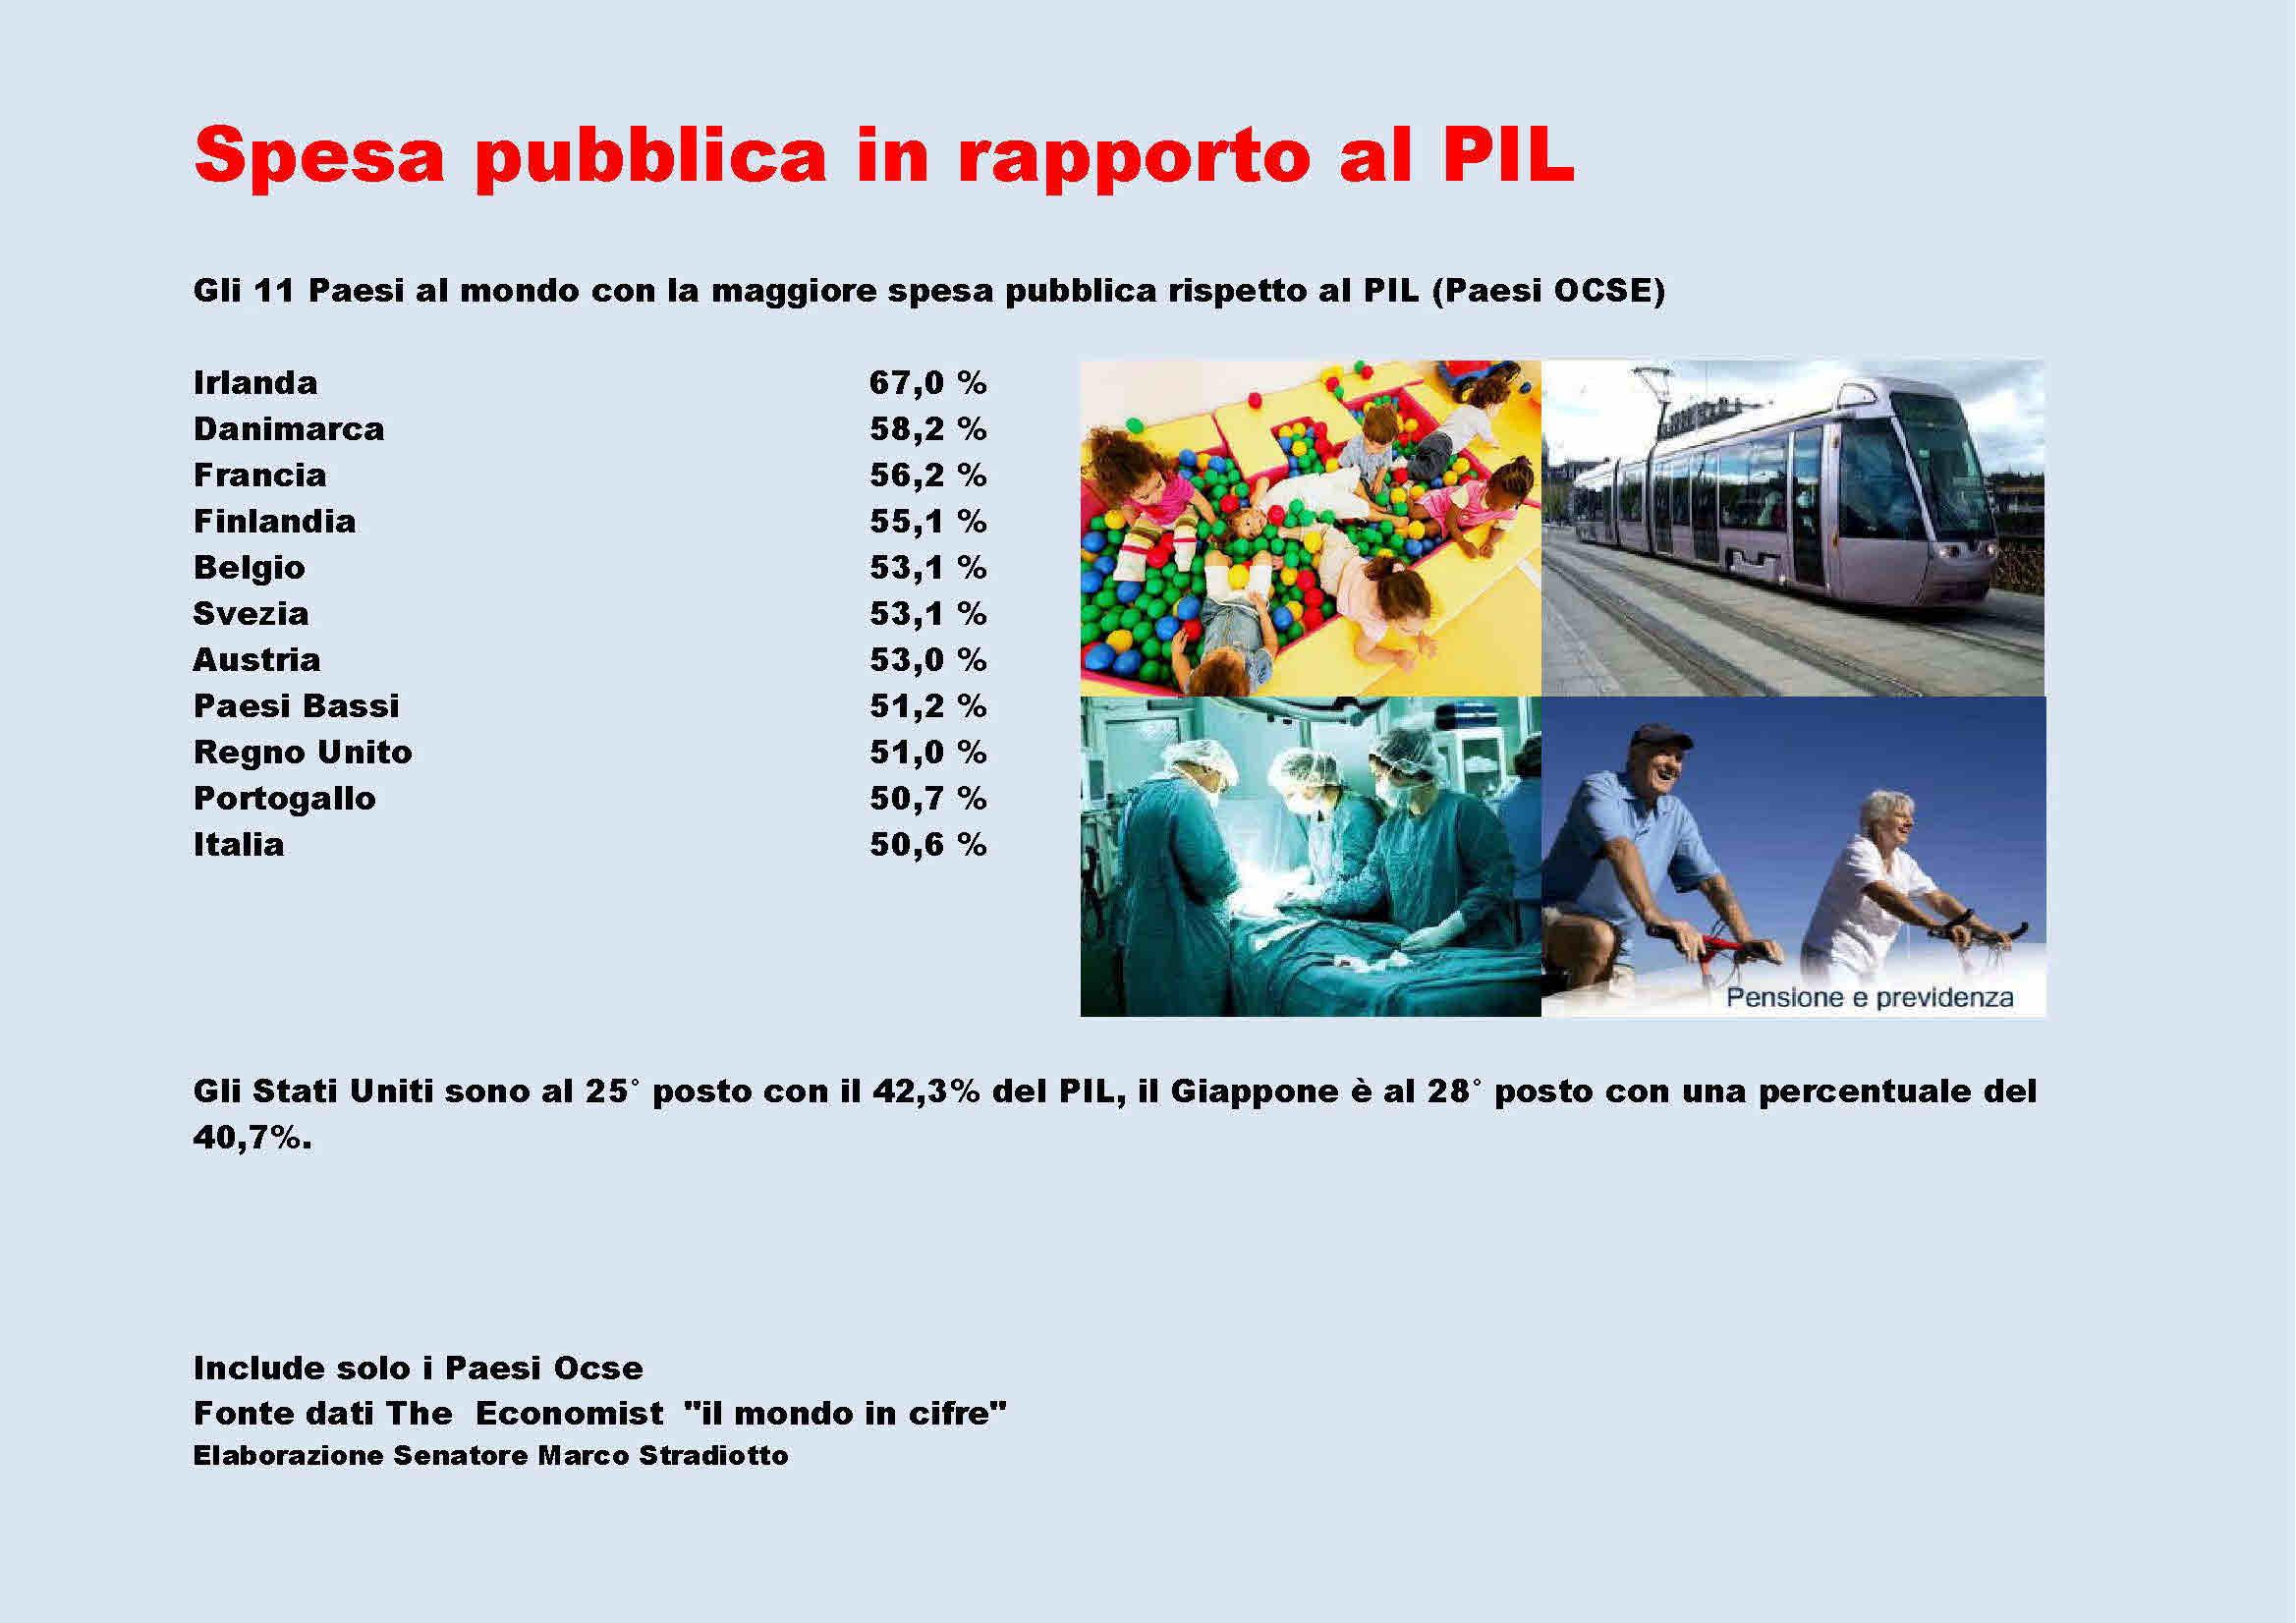 Spesa Pubblica in rapporto al PIL, la classifica dei Paesi che spendono di più: L'Italia è alll'11° posto